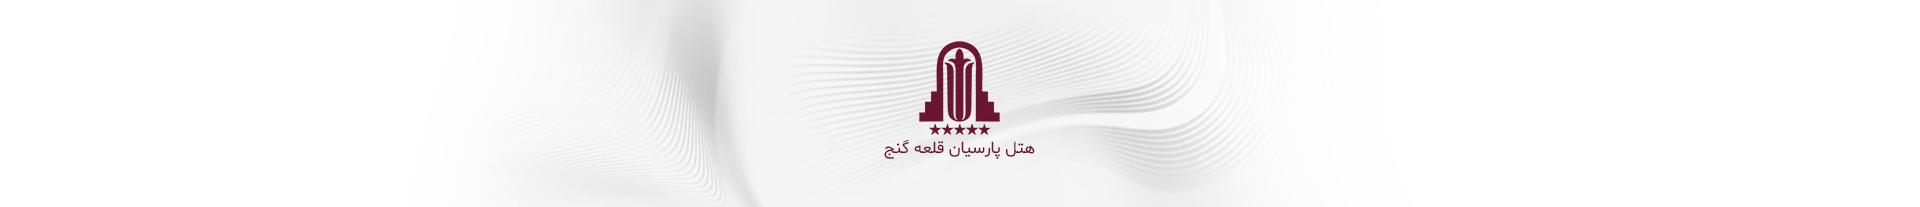 کد تخفیف هتل پارسیان قلعه گنج